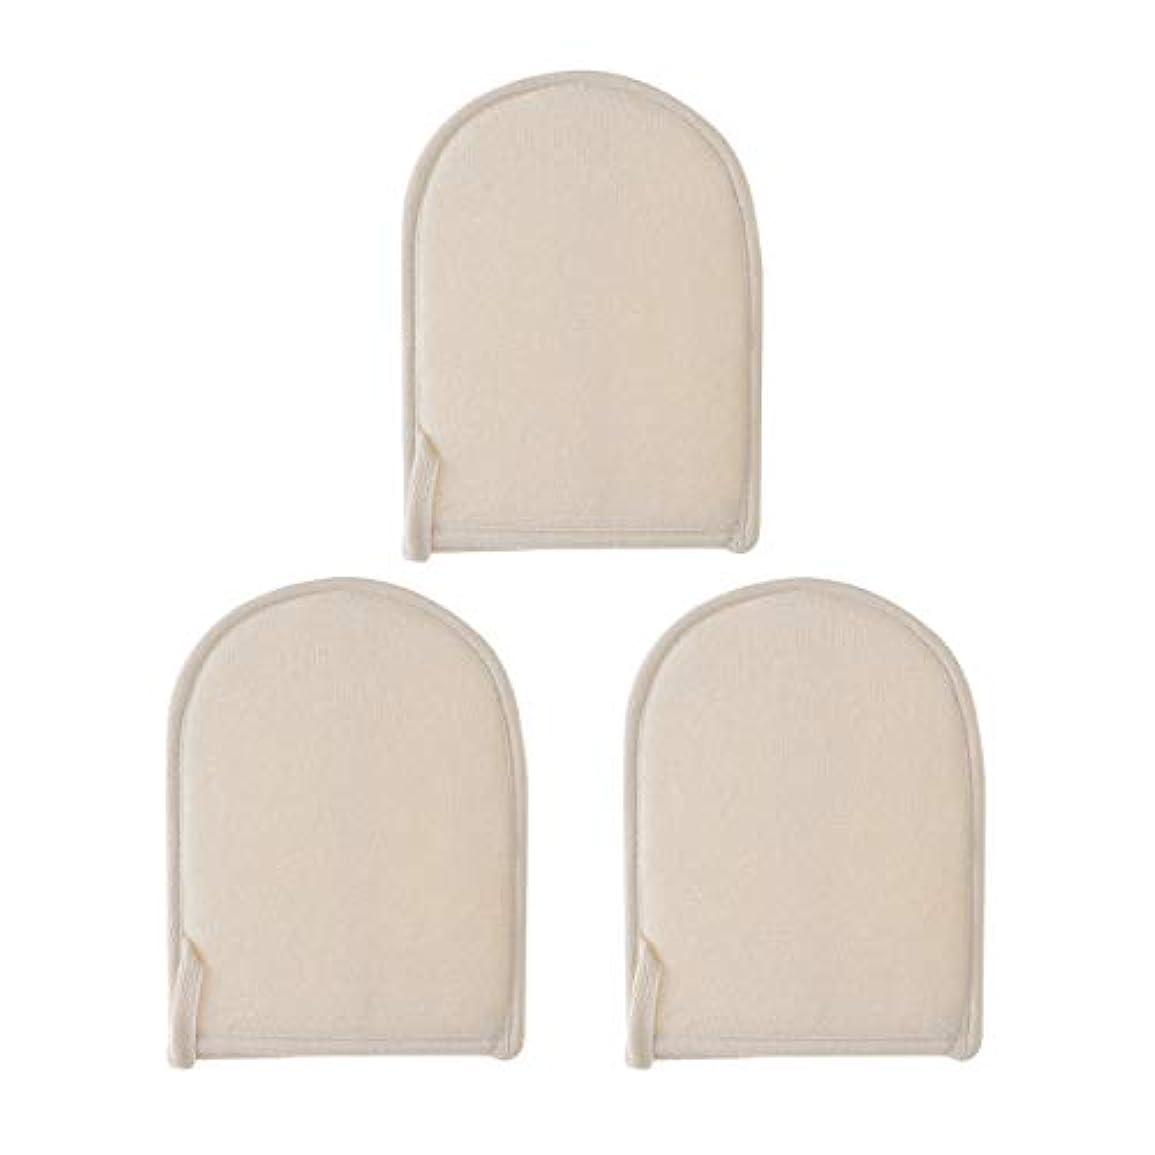 論争幻想緯度Healifty シャワー用手袋Loofah手袋お風呂角質除去スクラバー3本